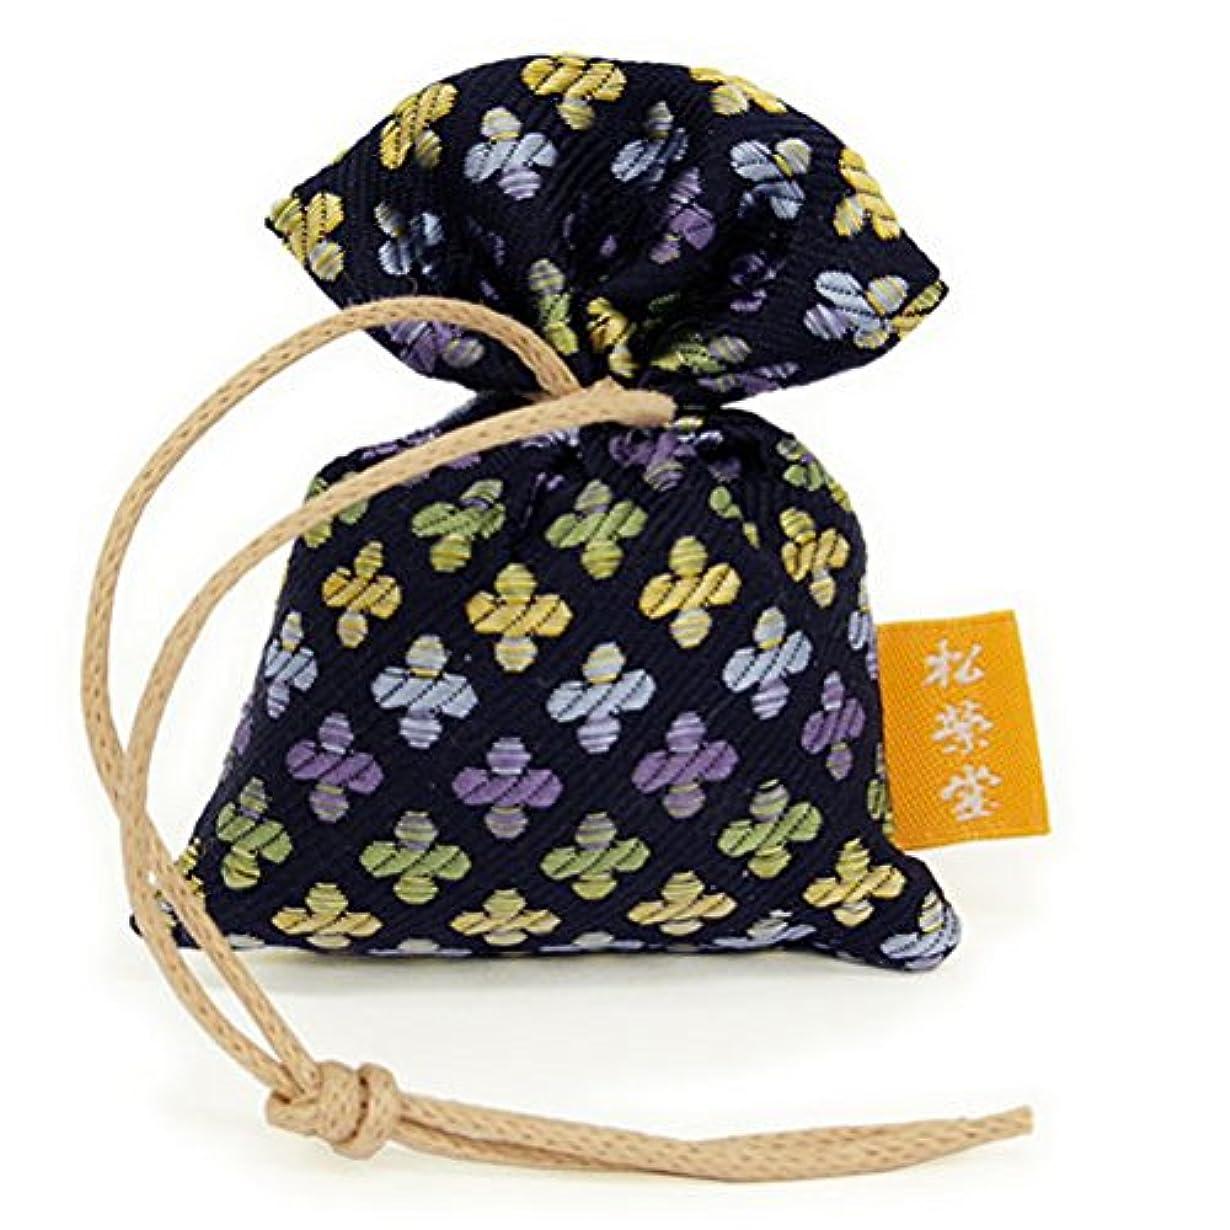 寛容アトミック強調匂い袋 誰が袖 薫 かおる 1個入 松栄堂 Shoyeido 本体長さ60mm (色?柄は選べません)